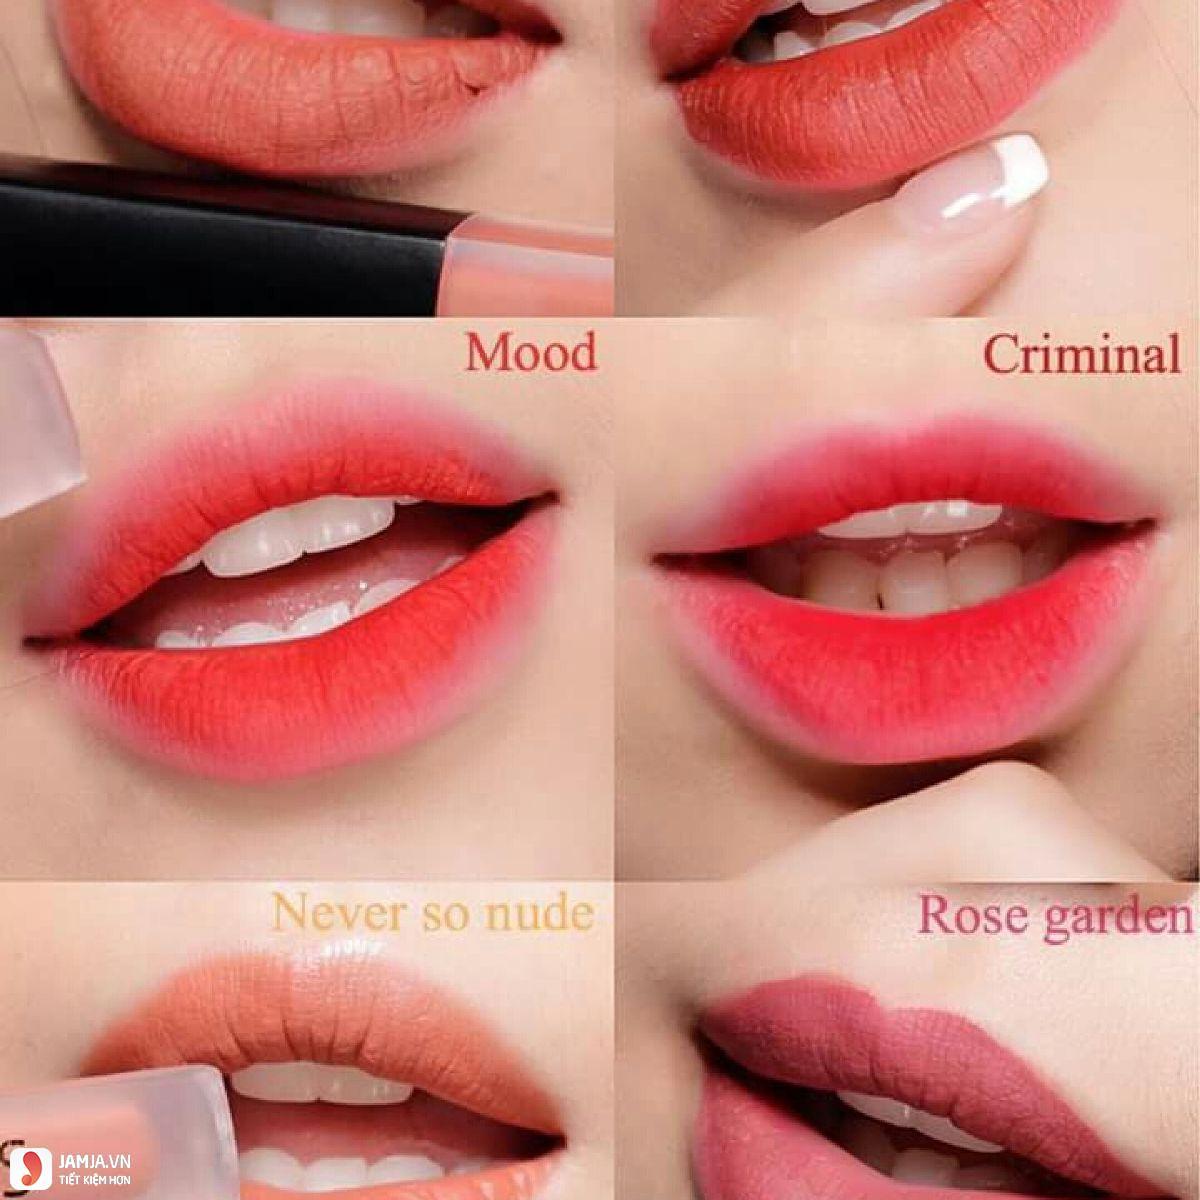 Khả năng bám màu của sonTy Cosmetics Matte Lip Cream